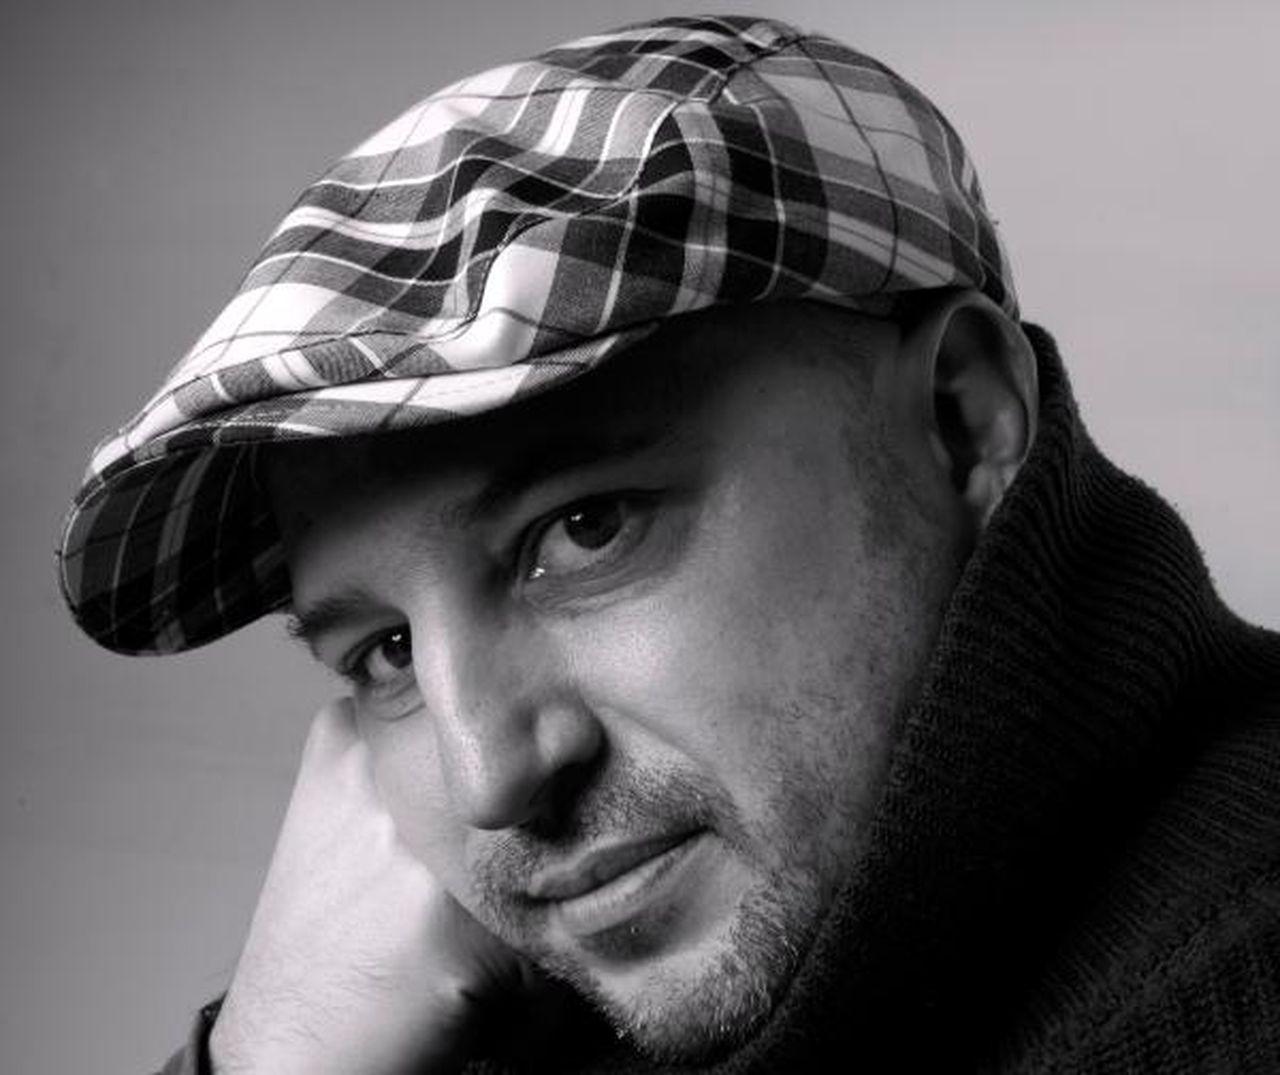 Oscar Guayabero : Fotografía cortesía del © Institut Ramon Llull